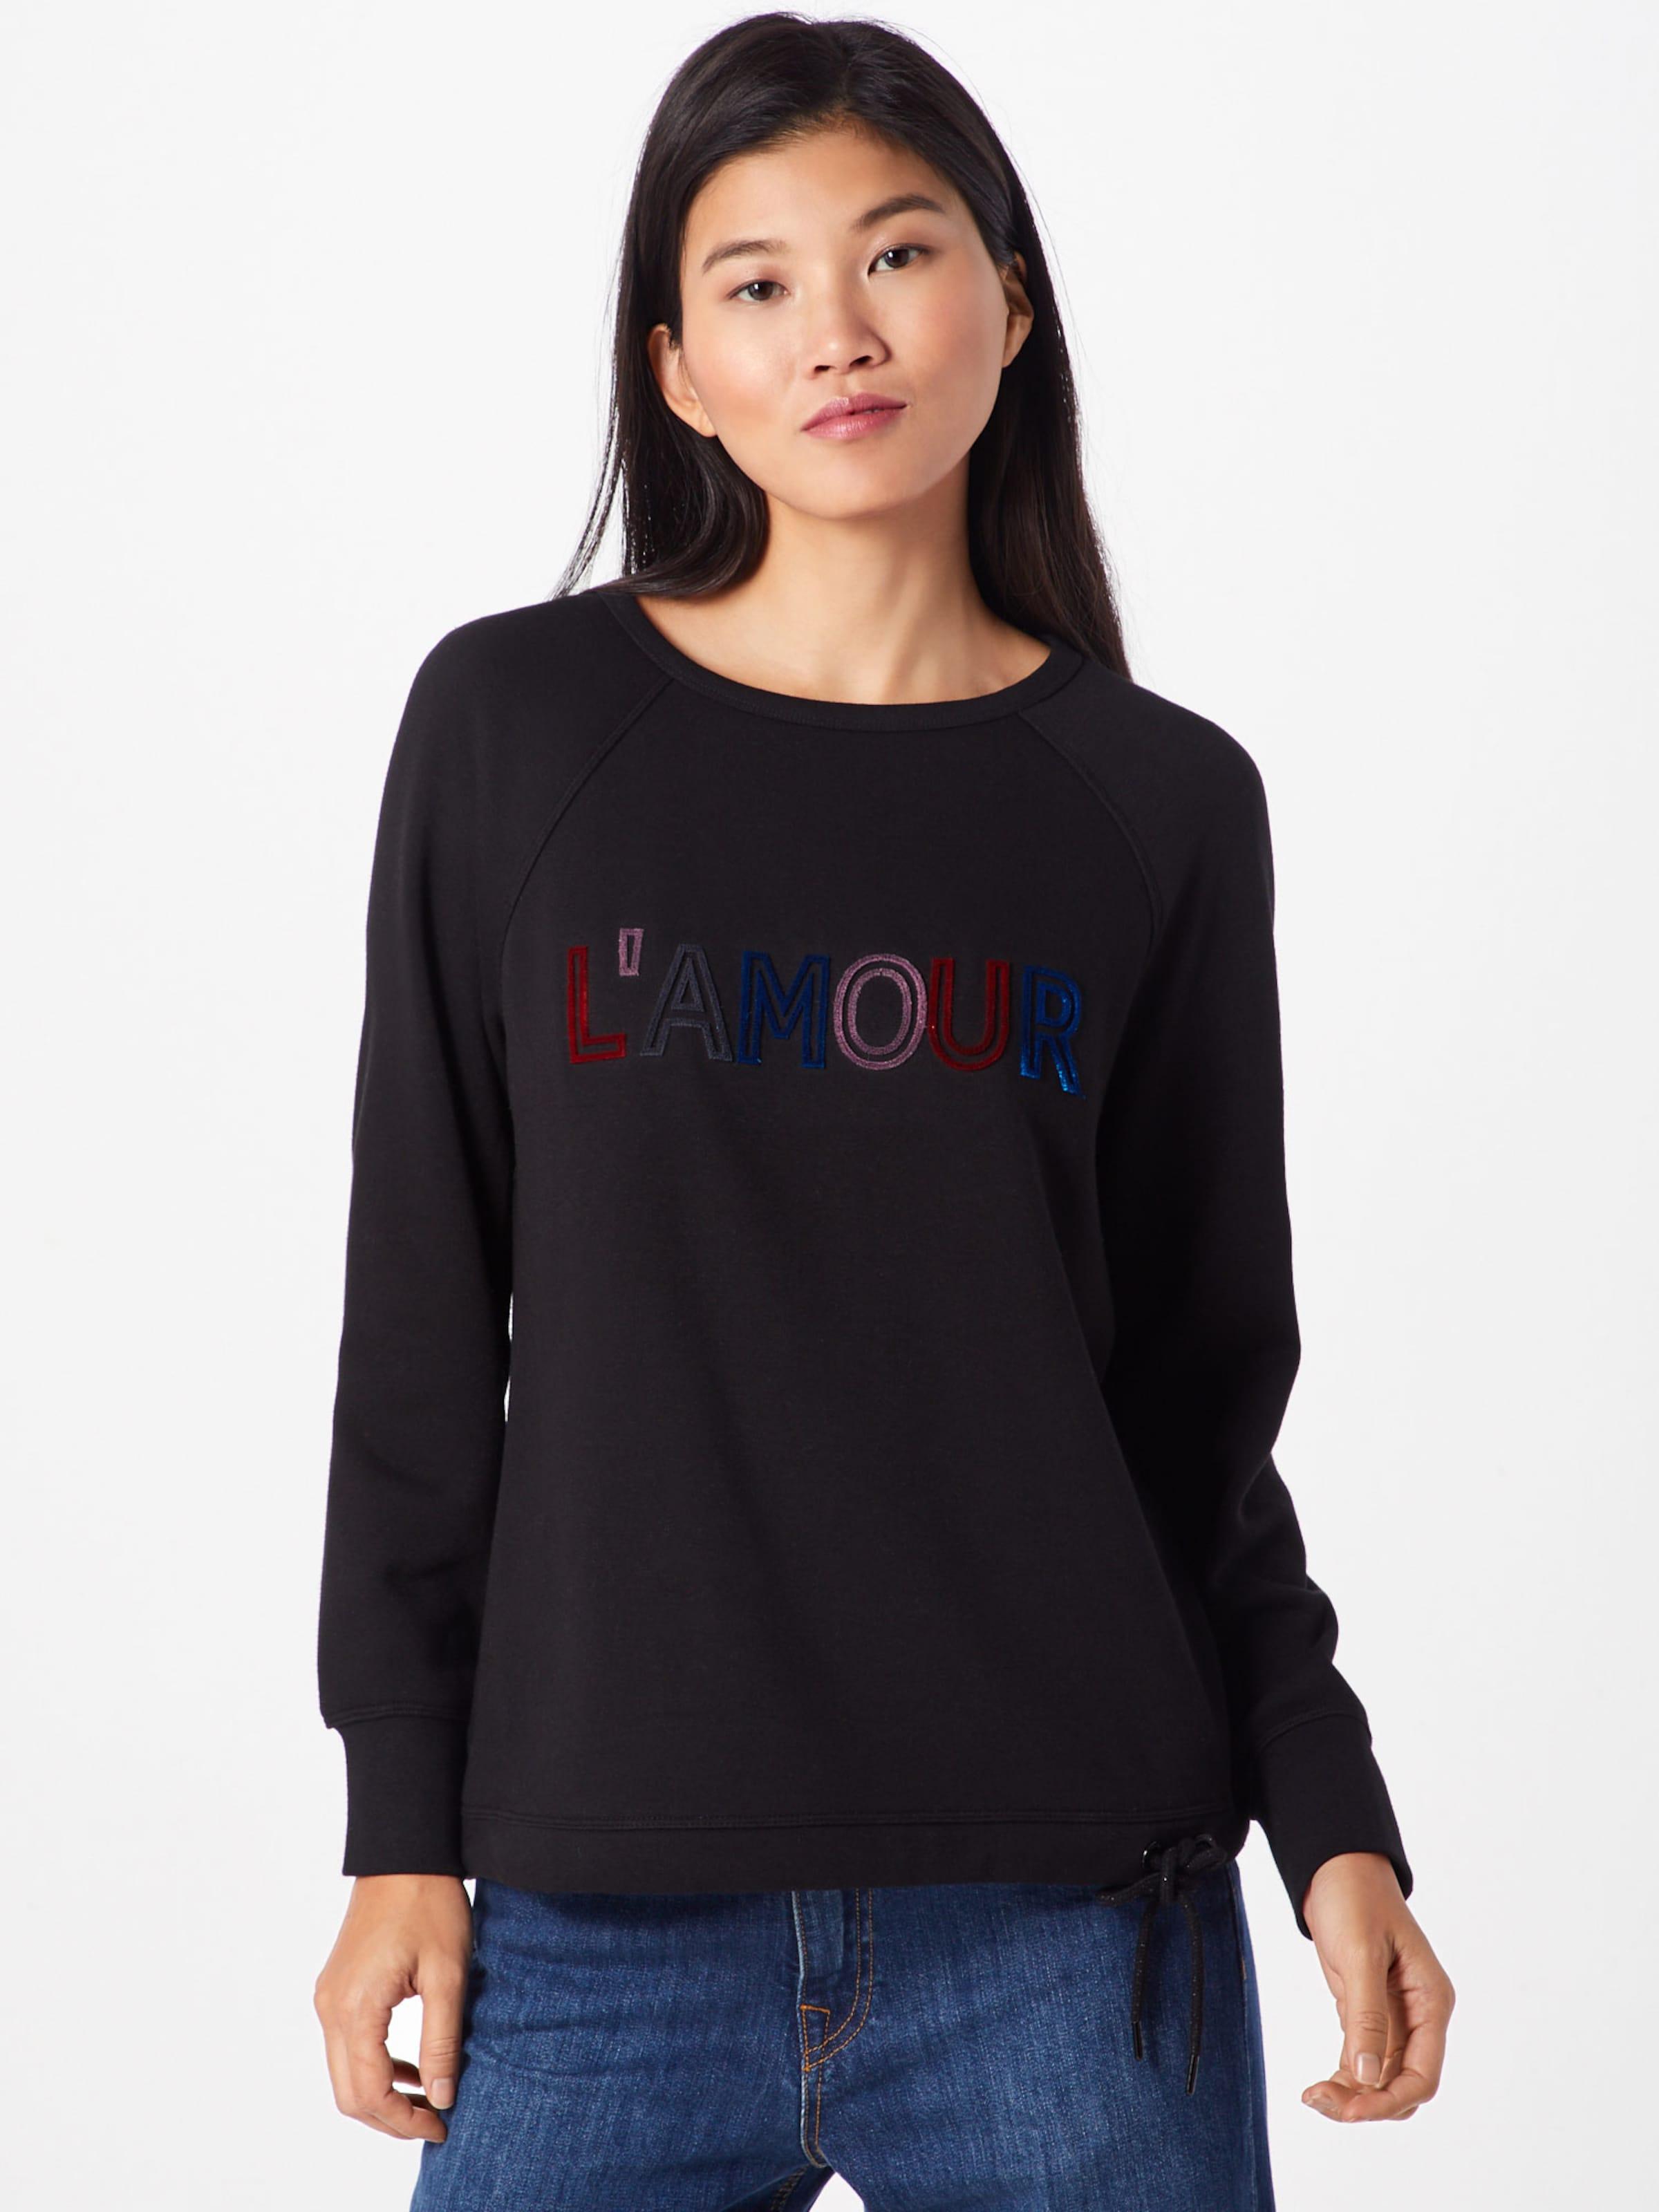 S Schwarz S Sweatshirt S In Schwarz oliver oliver In oliver Sweatshirt 8mnwvN0O